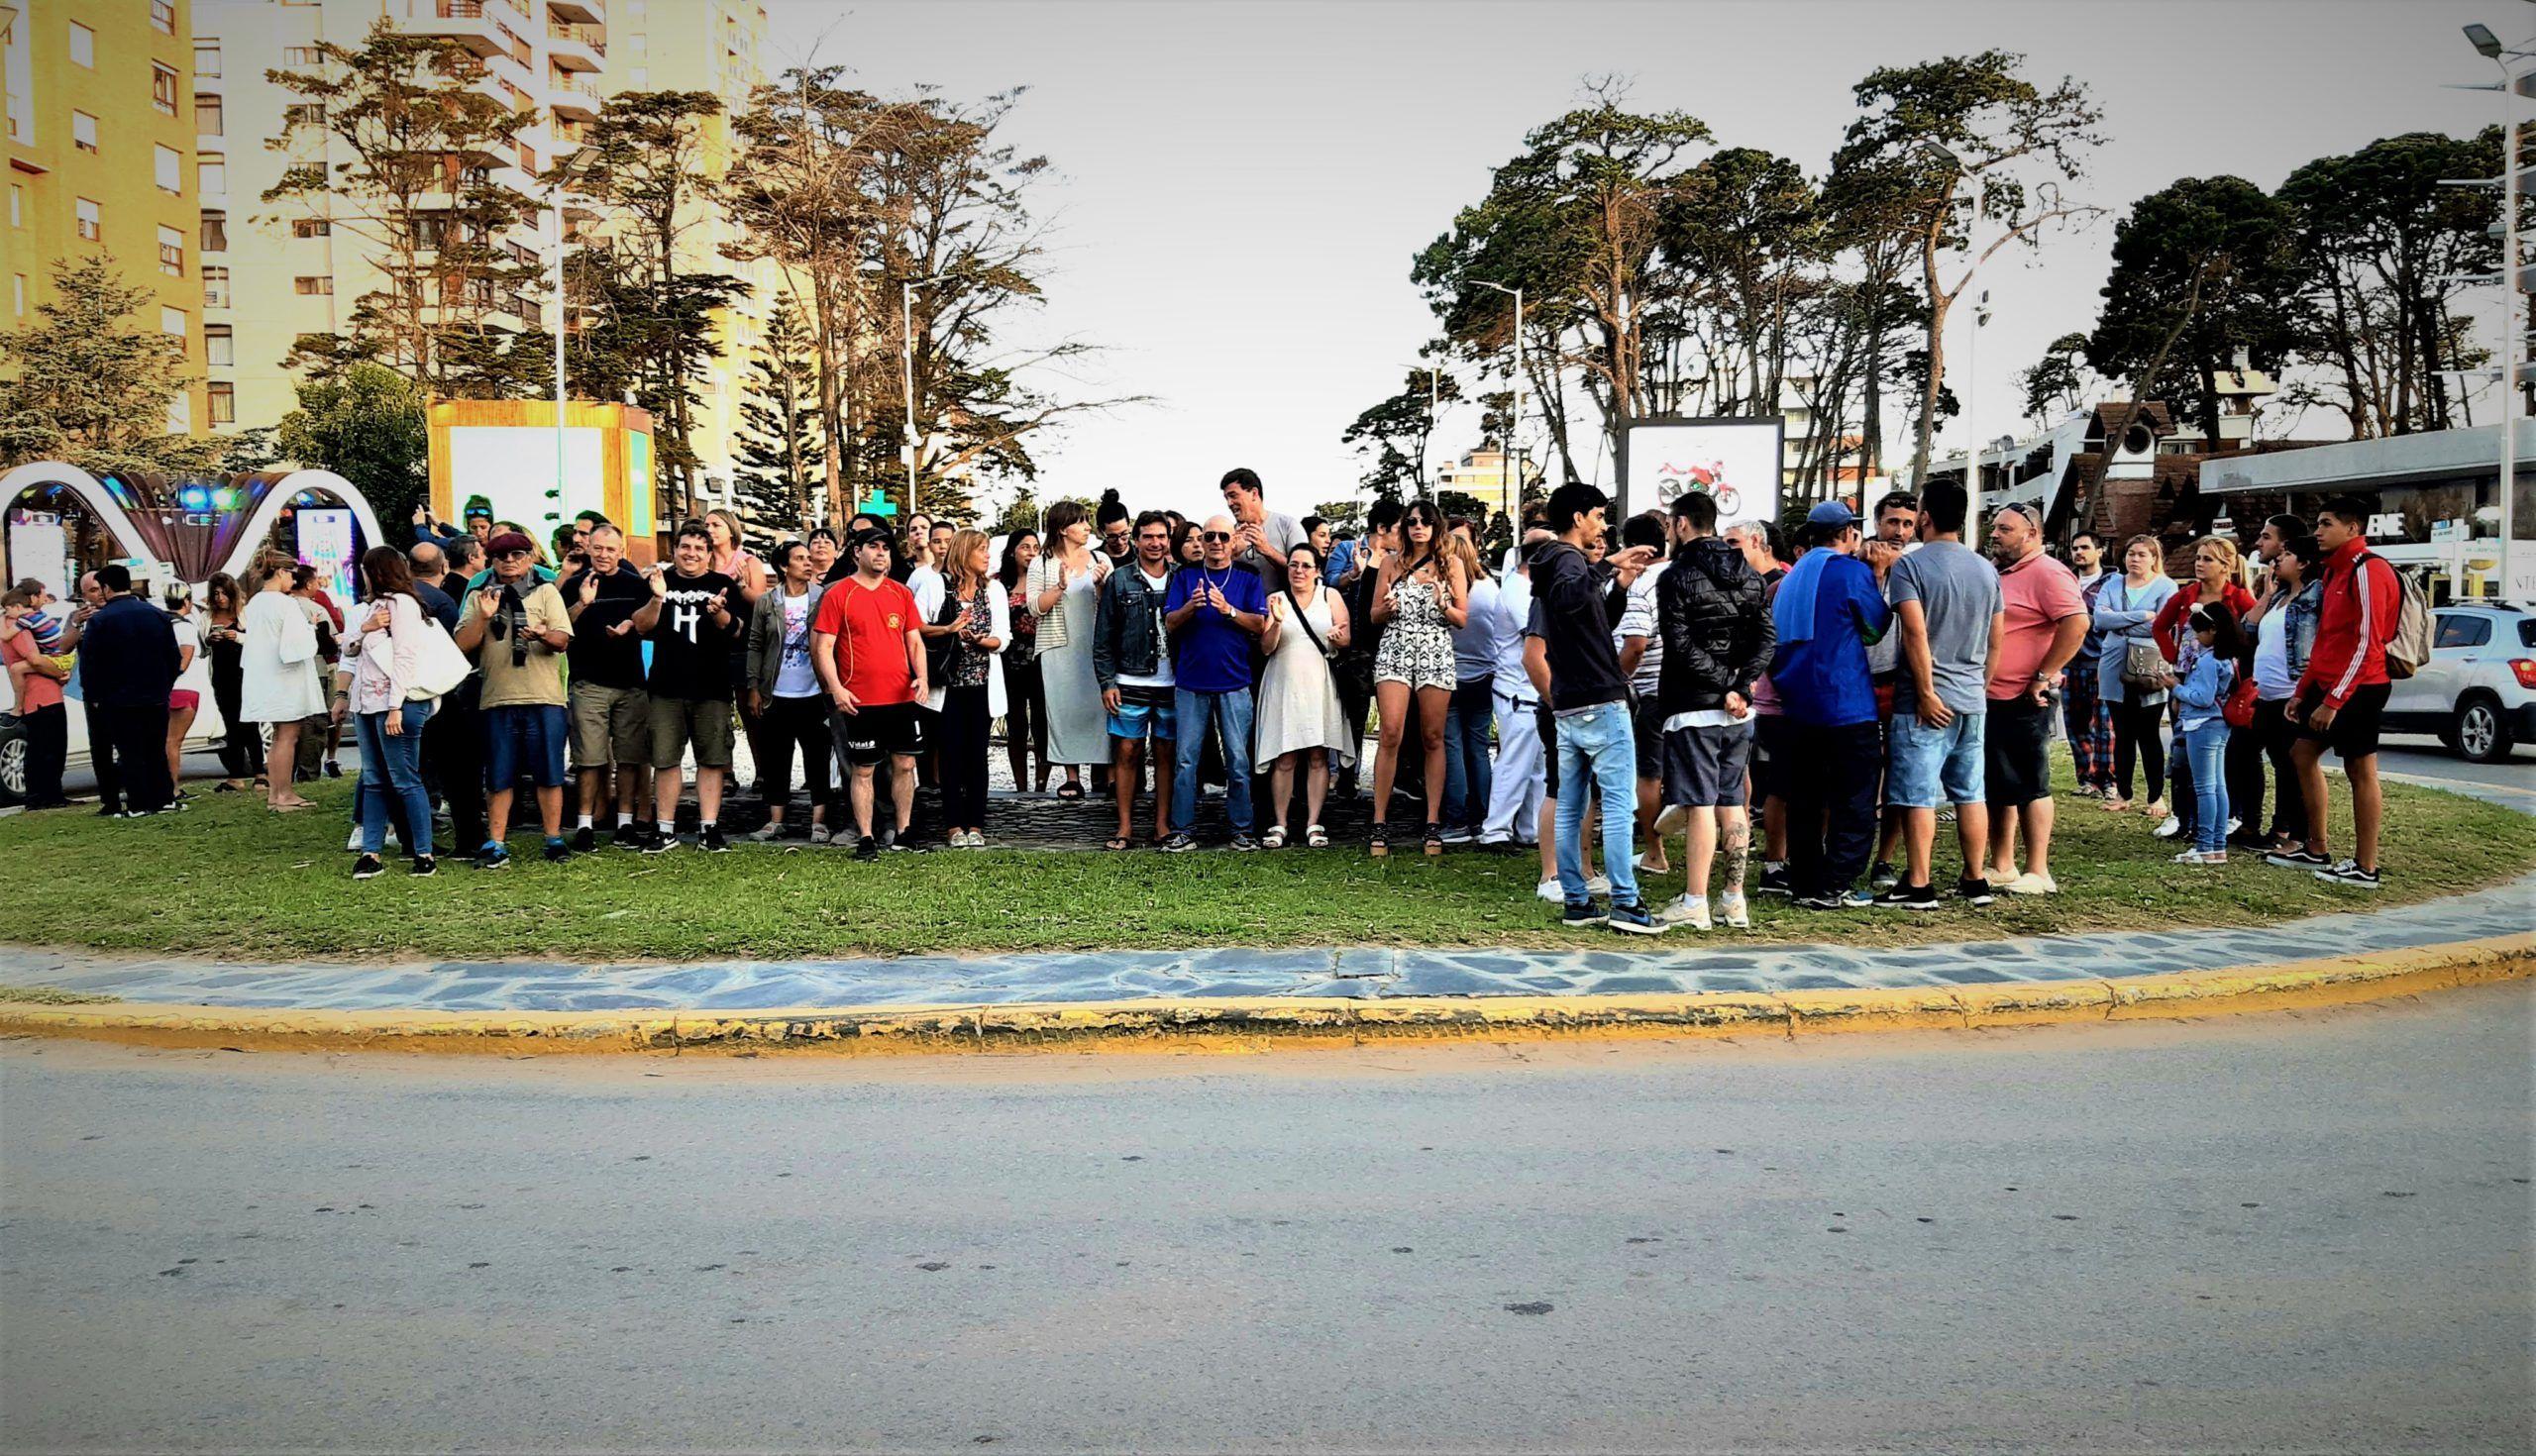 El conflicto en Pinamar por el atraso de los pagos de sueldos municipales va en aumento y durante el fin de semana se sucedieron protestas. Foto: Pinamar Diario.